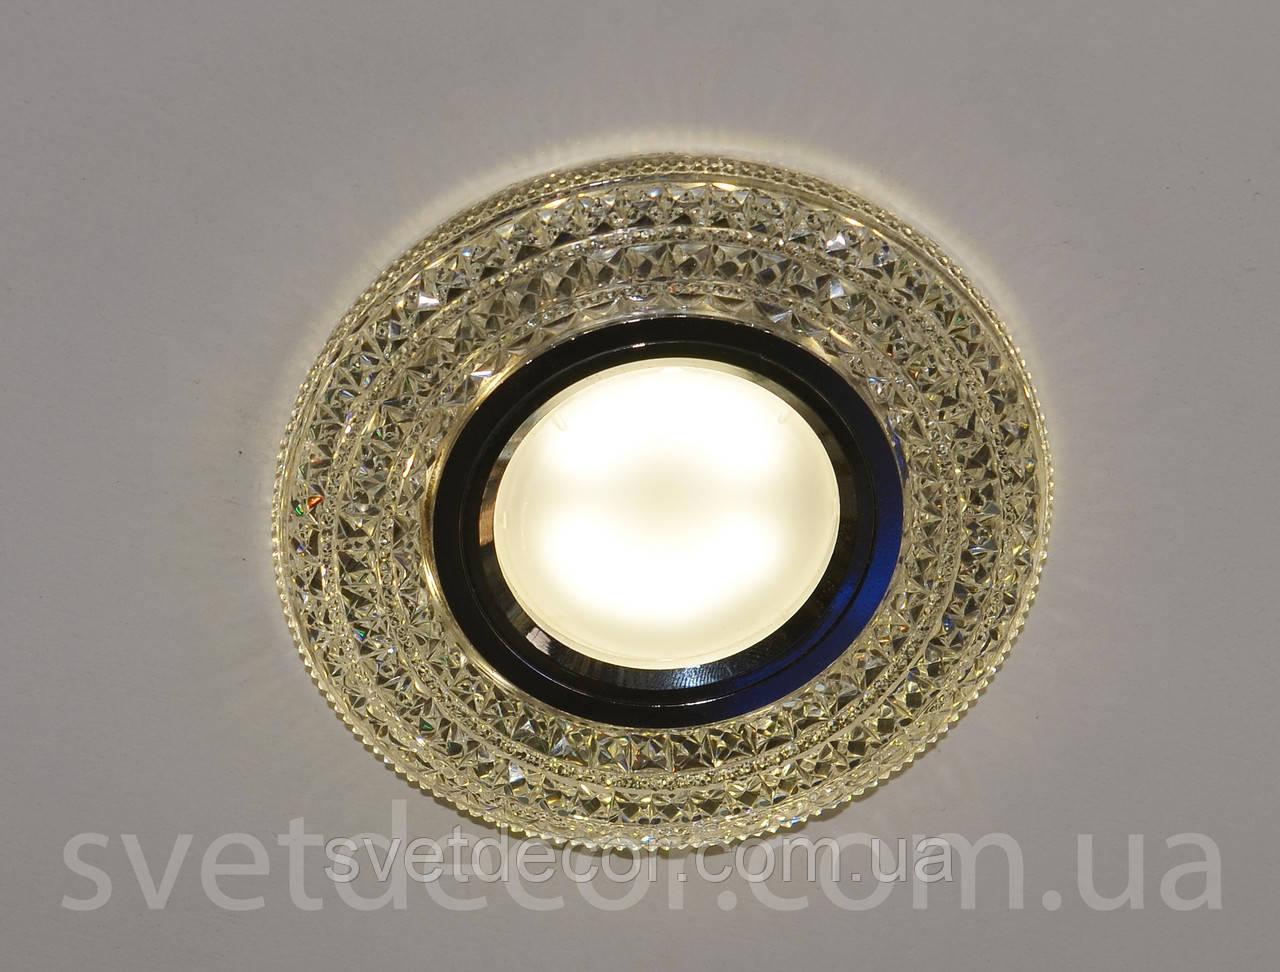 Точечный встраиваемый светильник Feron CD877 c LED подсветкой прозрачный